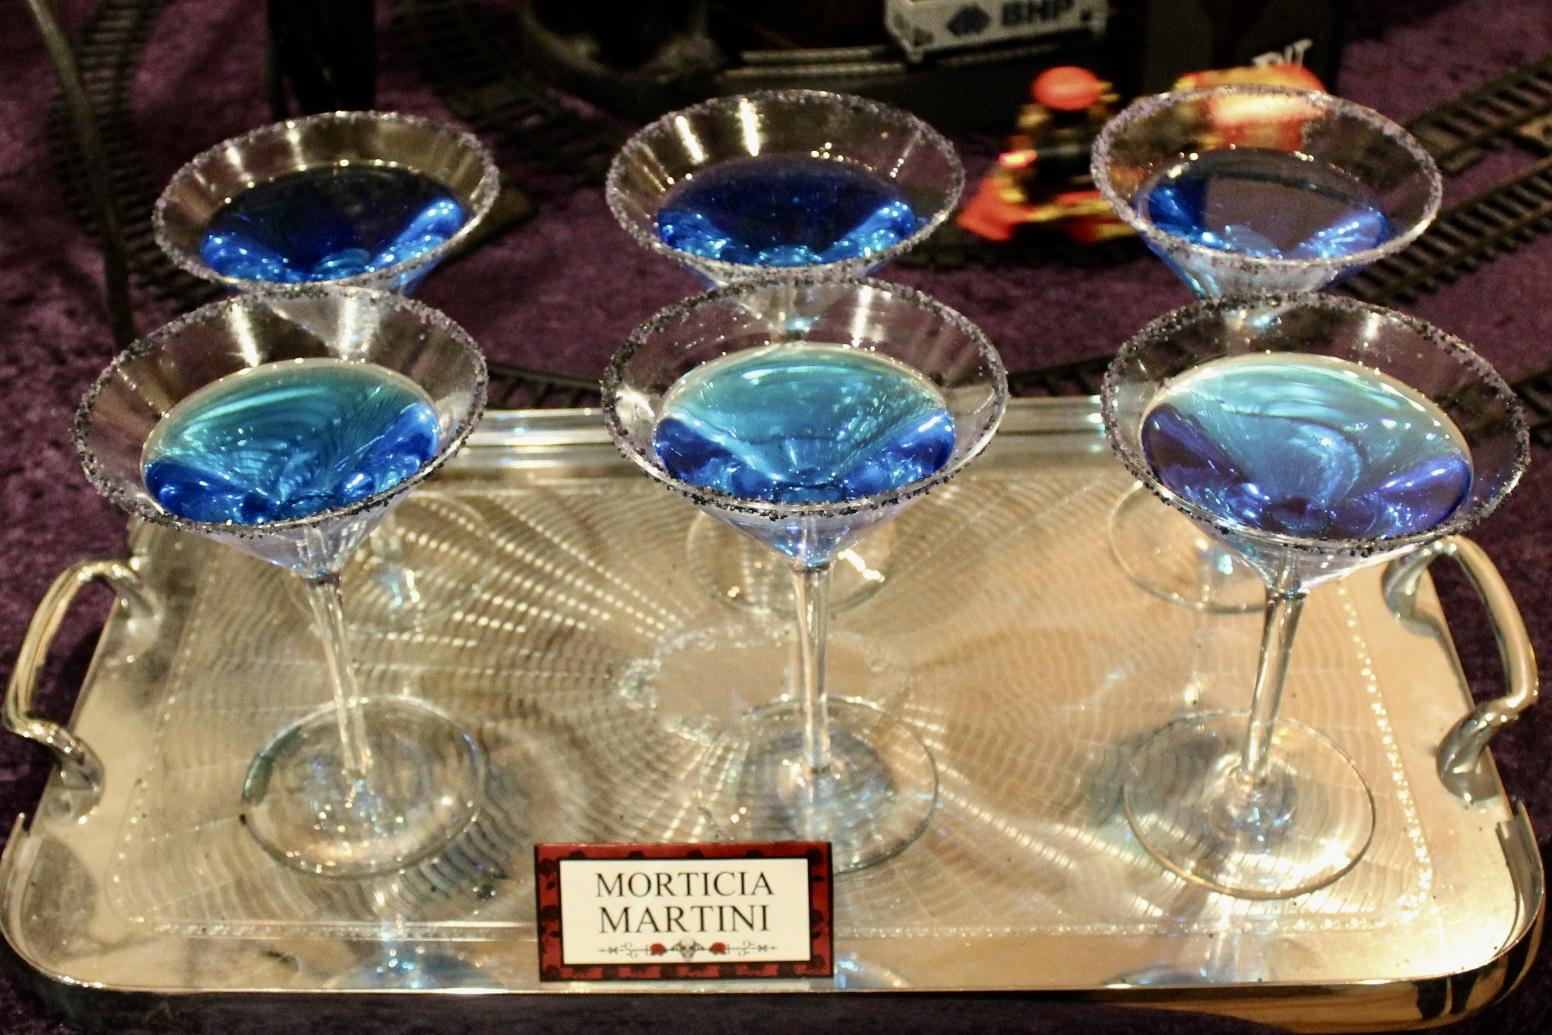 The Addams Family Party - Morticia Matrini